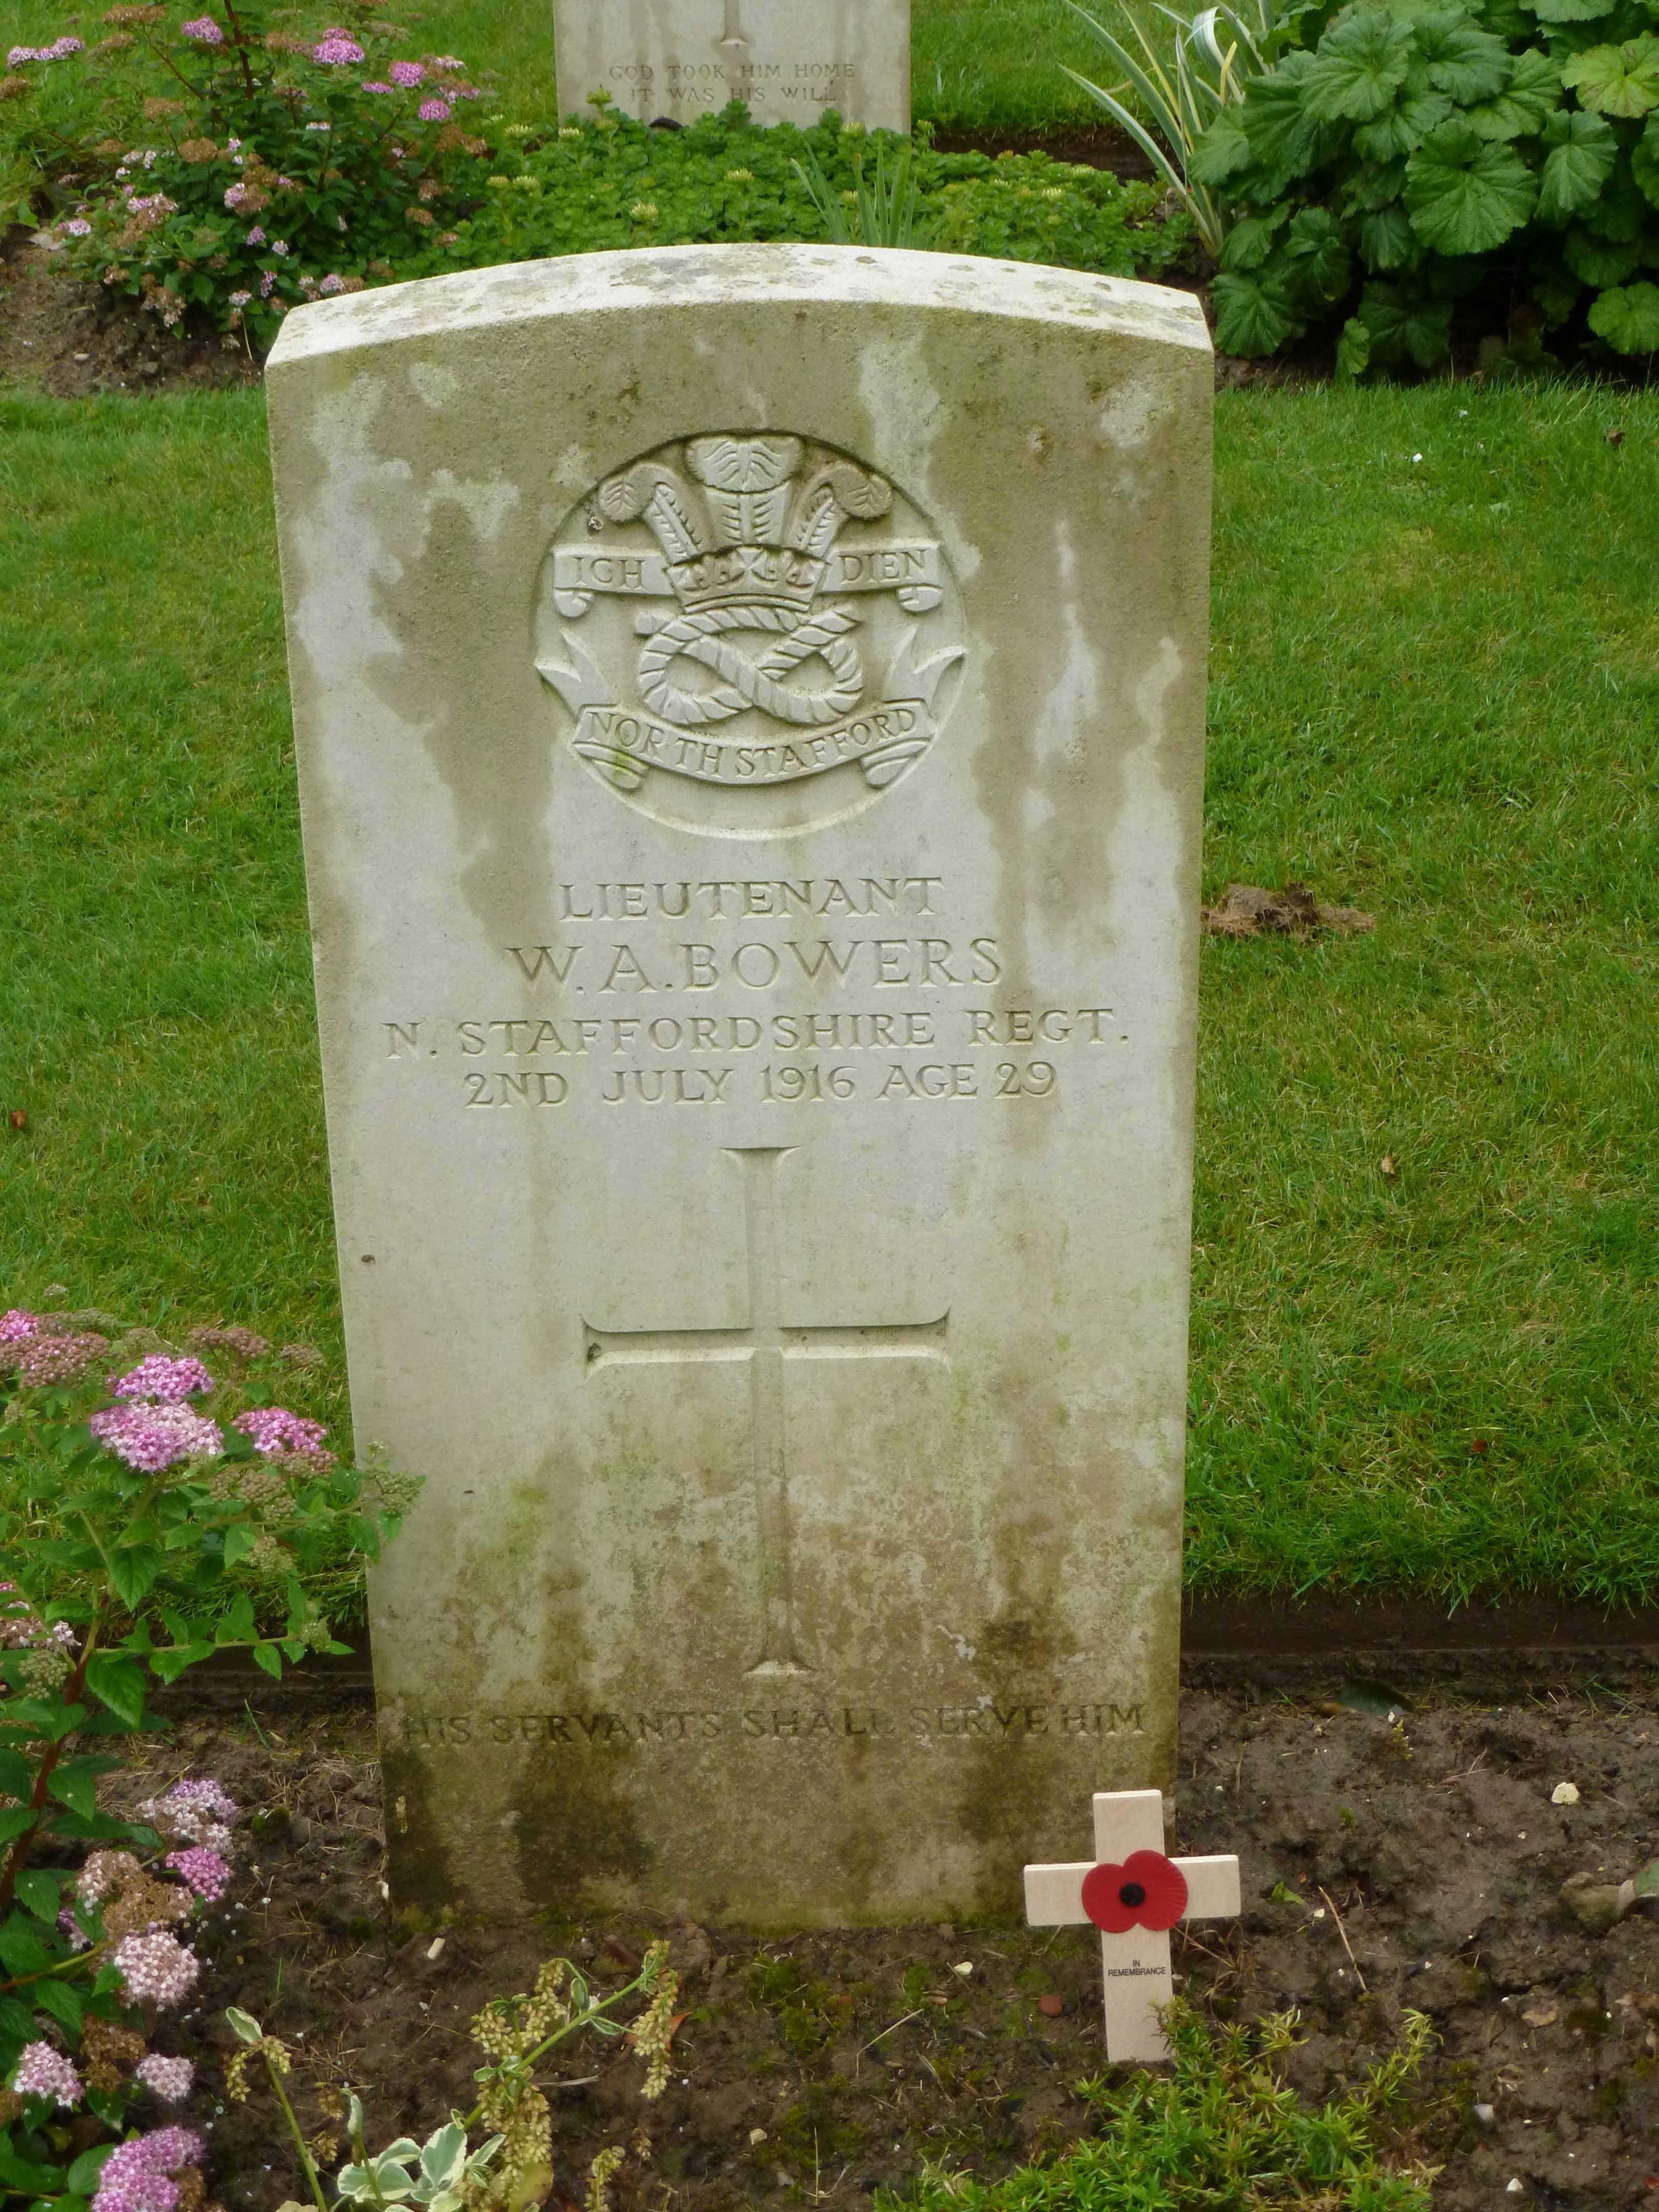 WA-Bowers-Grave